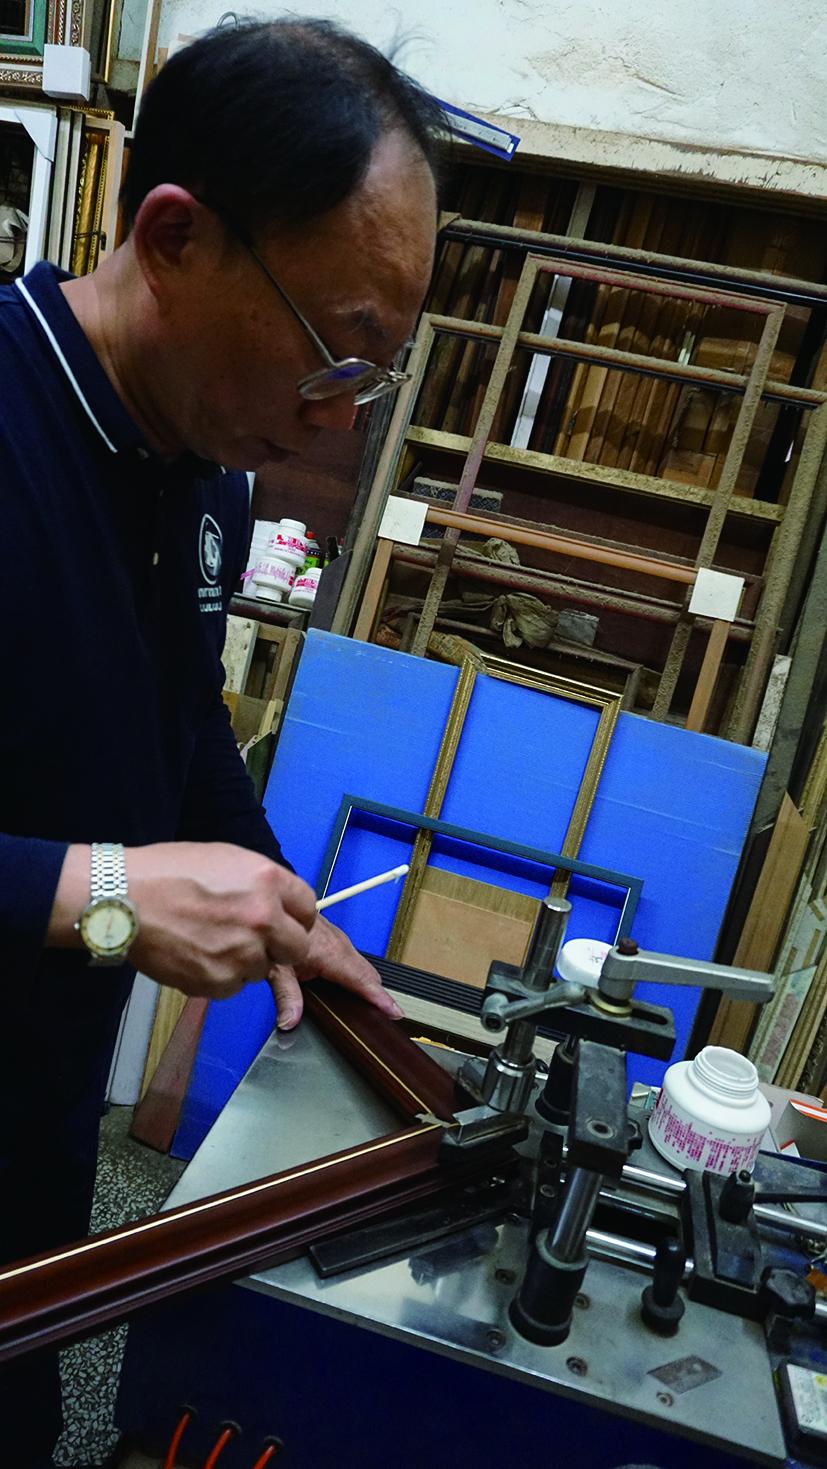 陳家鼎師傅三十歲返鄉陪伴父親經營裱畫店,一做就是二十九年。就算古法裱褙相當耗時,為了畫作能有長久保存的機會,至今仍堅持以傳統技法裝裱。.JPG